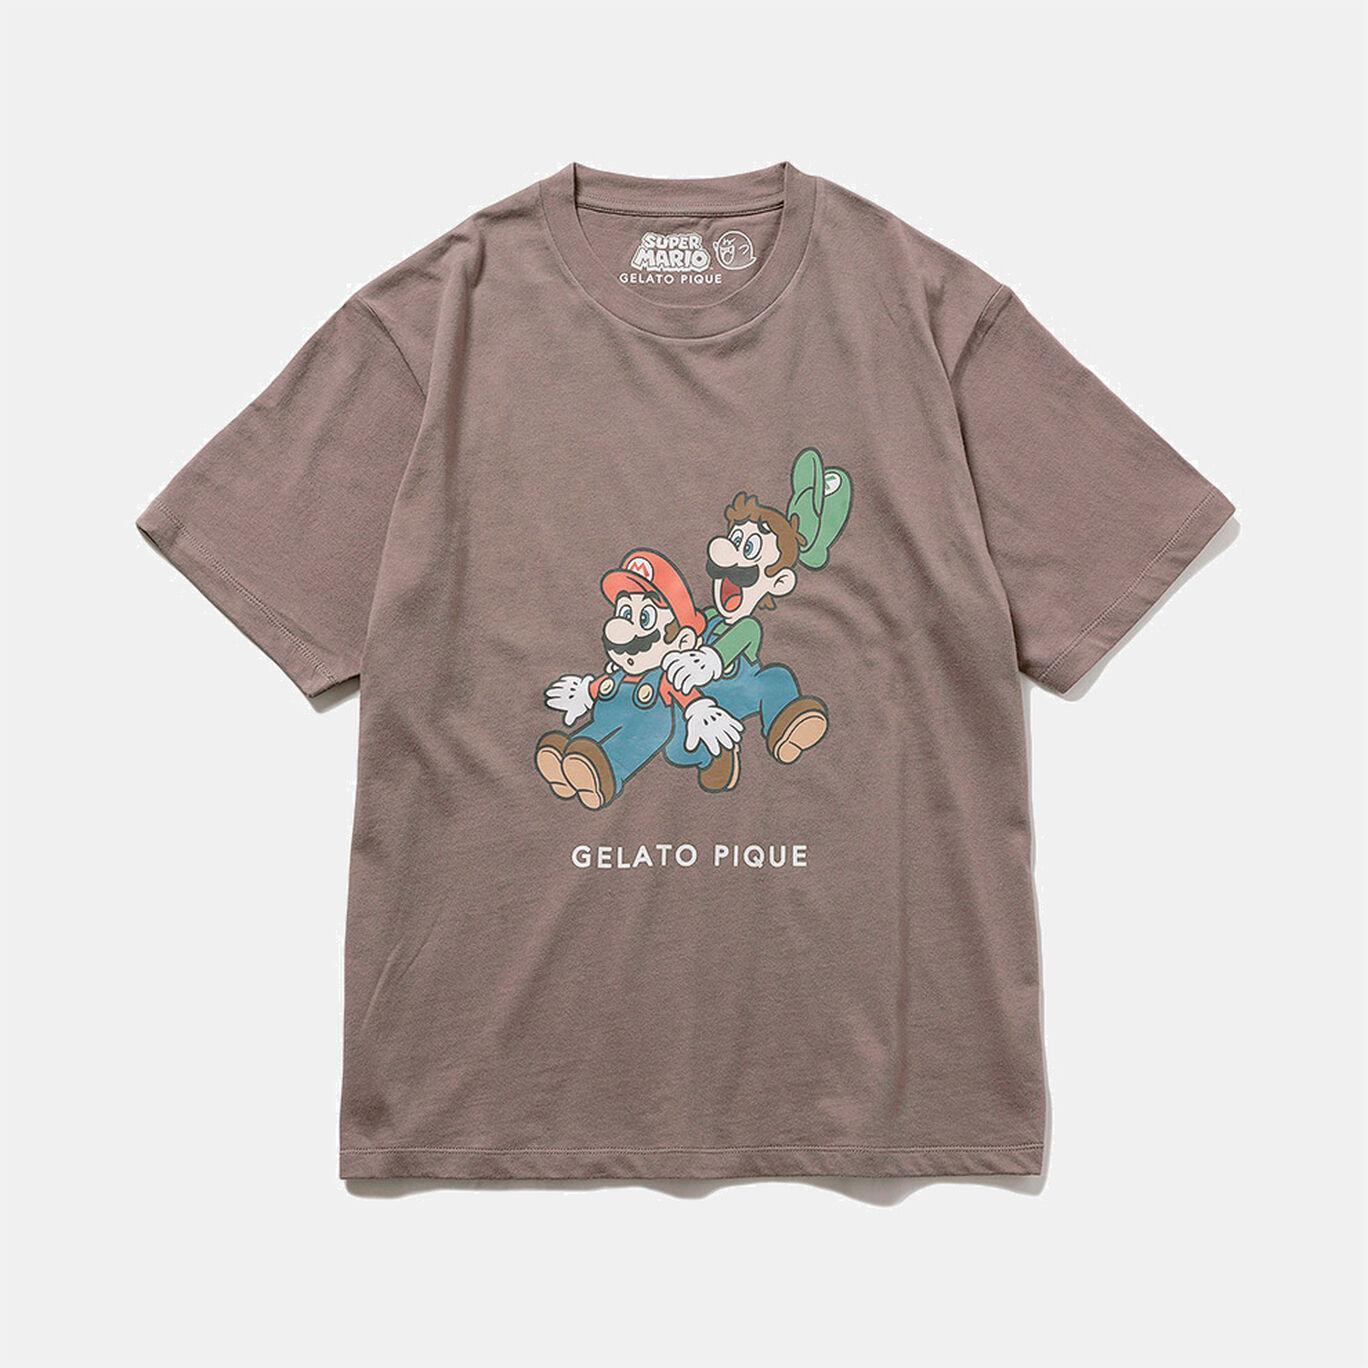 【スーパーマリオ】キャラクターTシャツ Grey F【SUPER MARIO meets GELATO PIQUE】